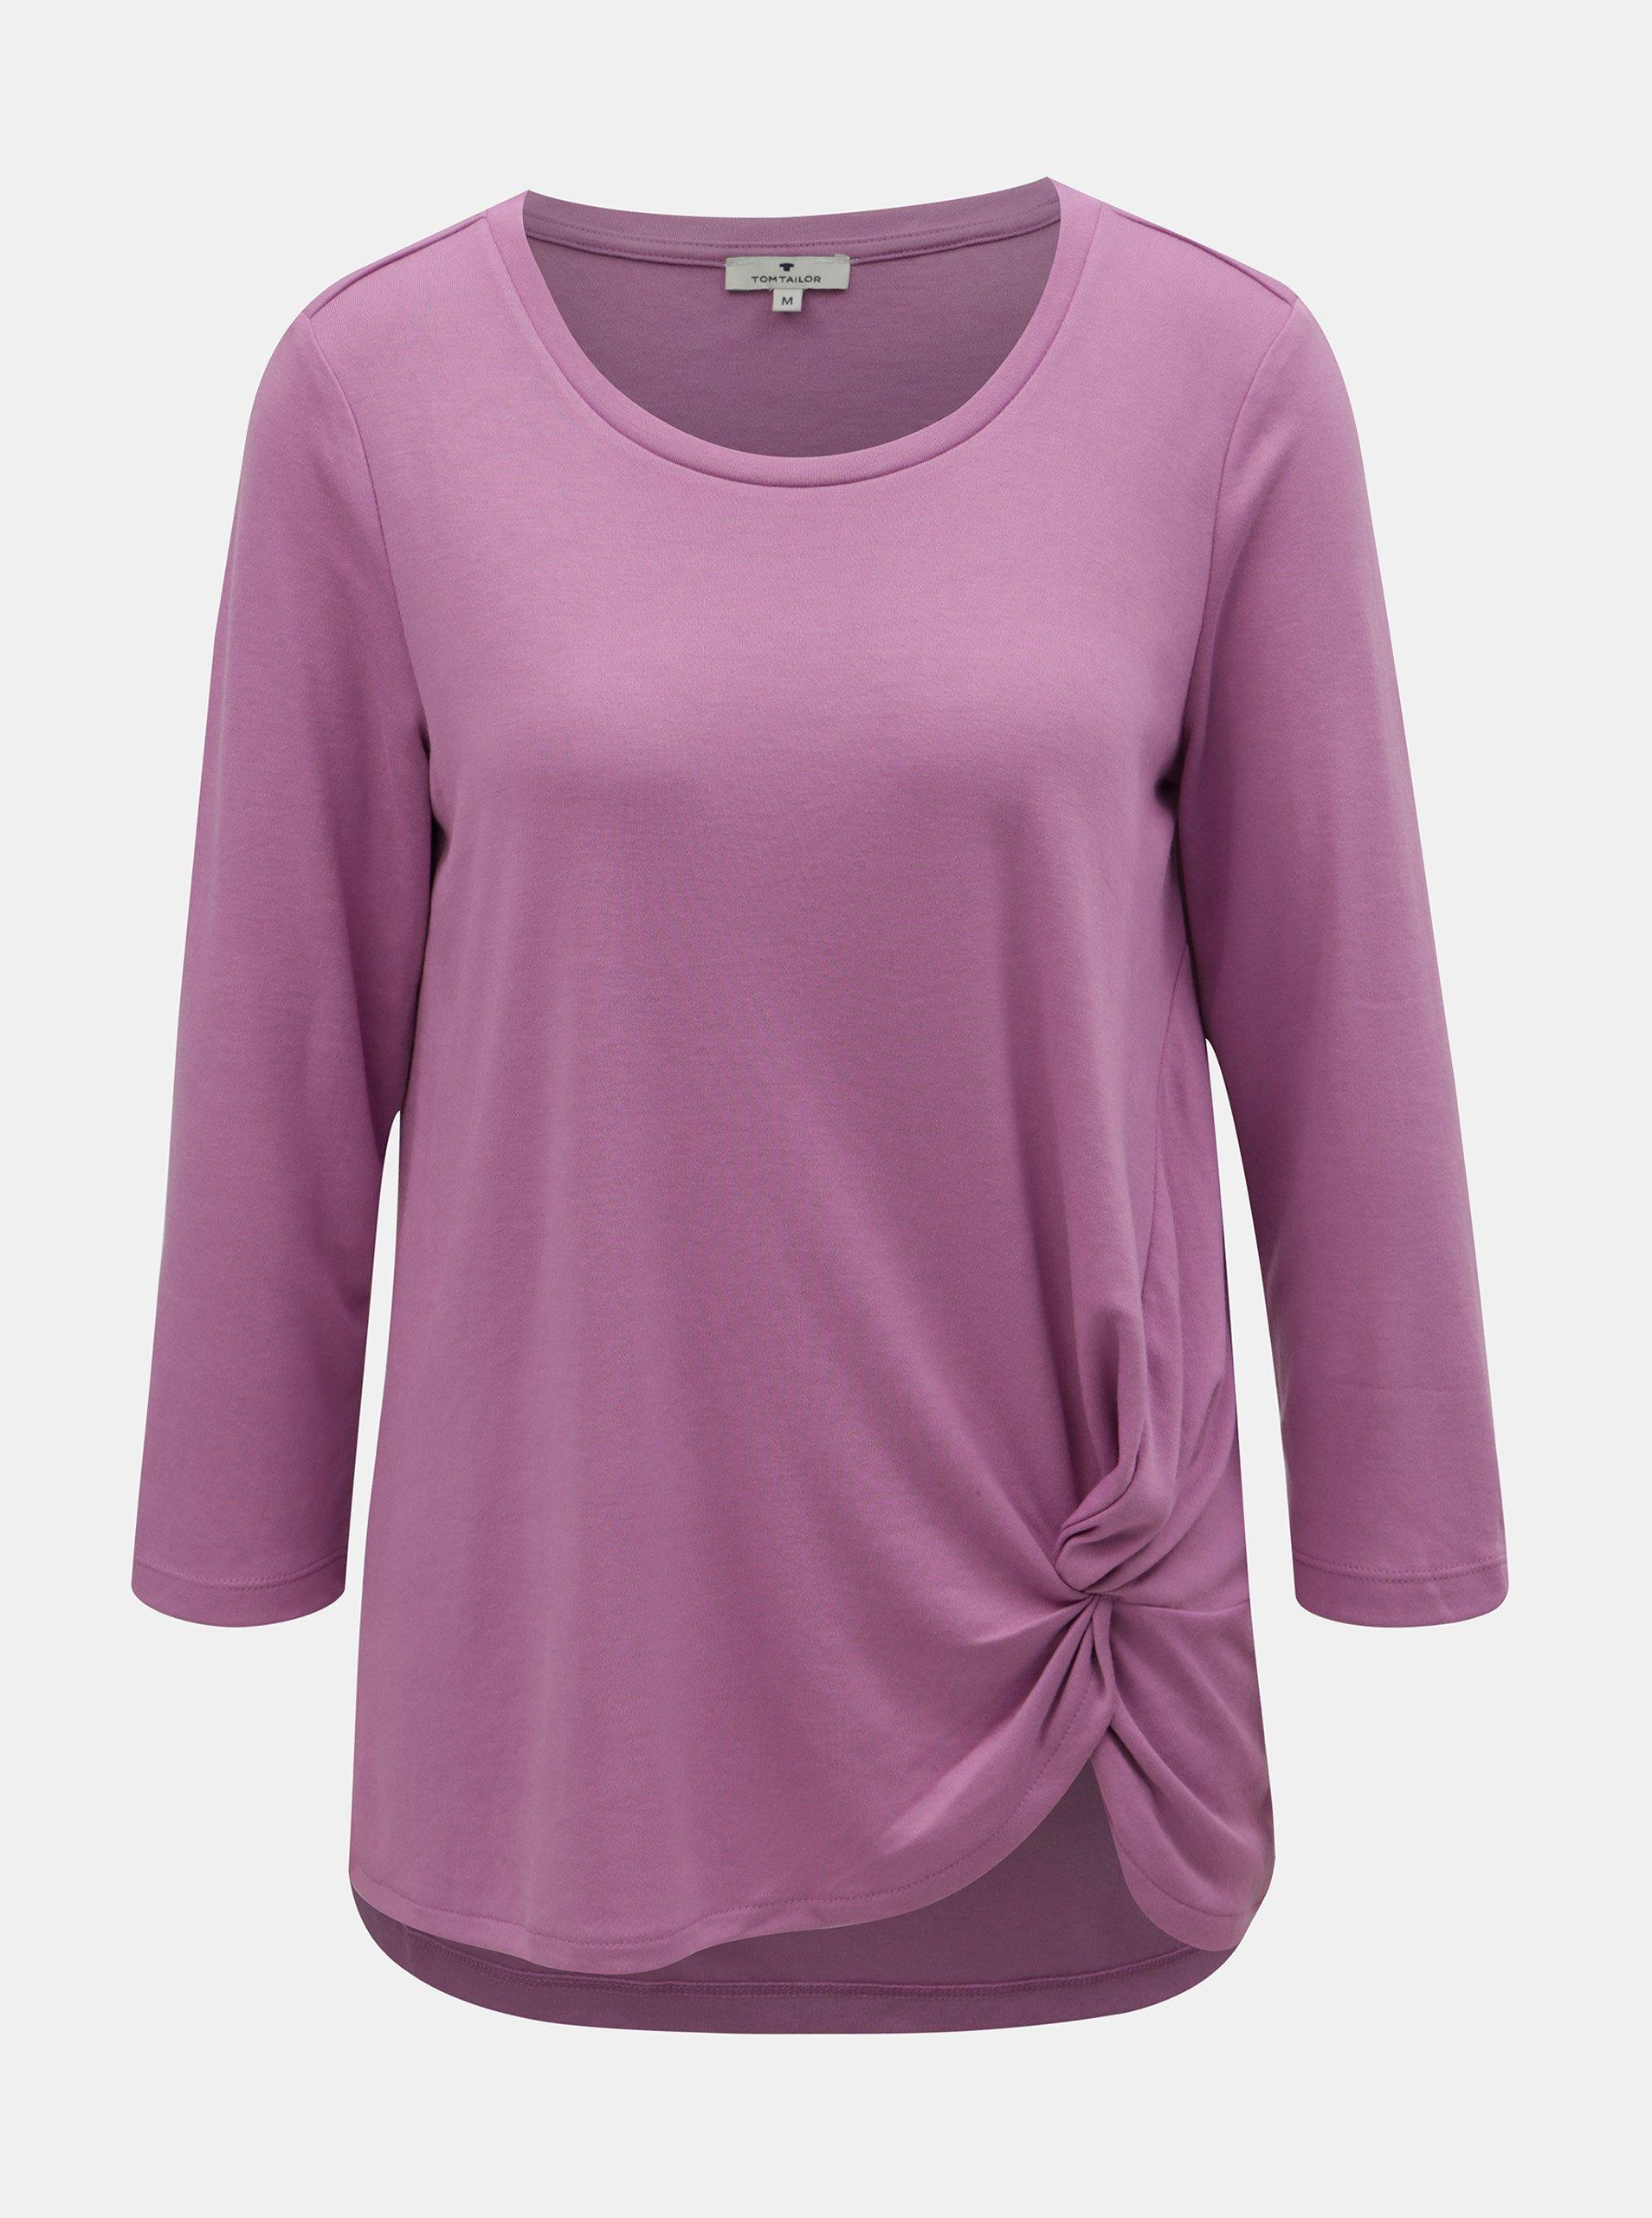 823d61fee838 Fialové dámské tričko s řasením na boku Tom Tailor